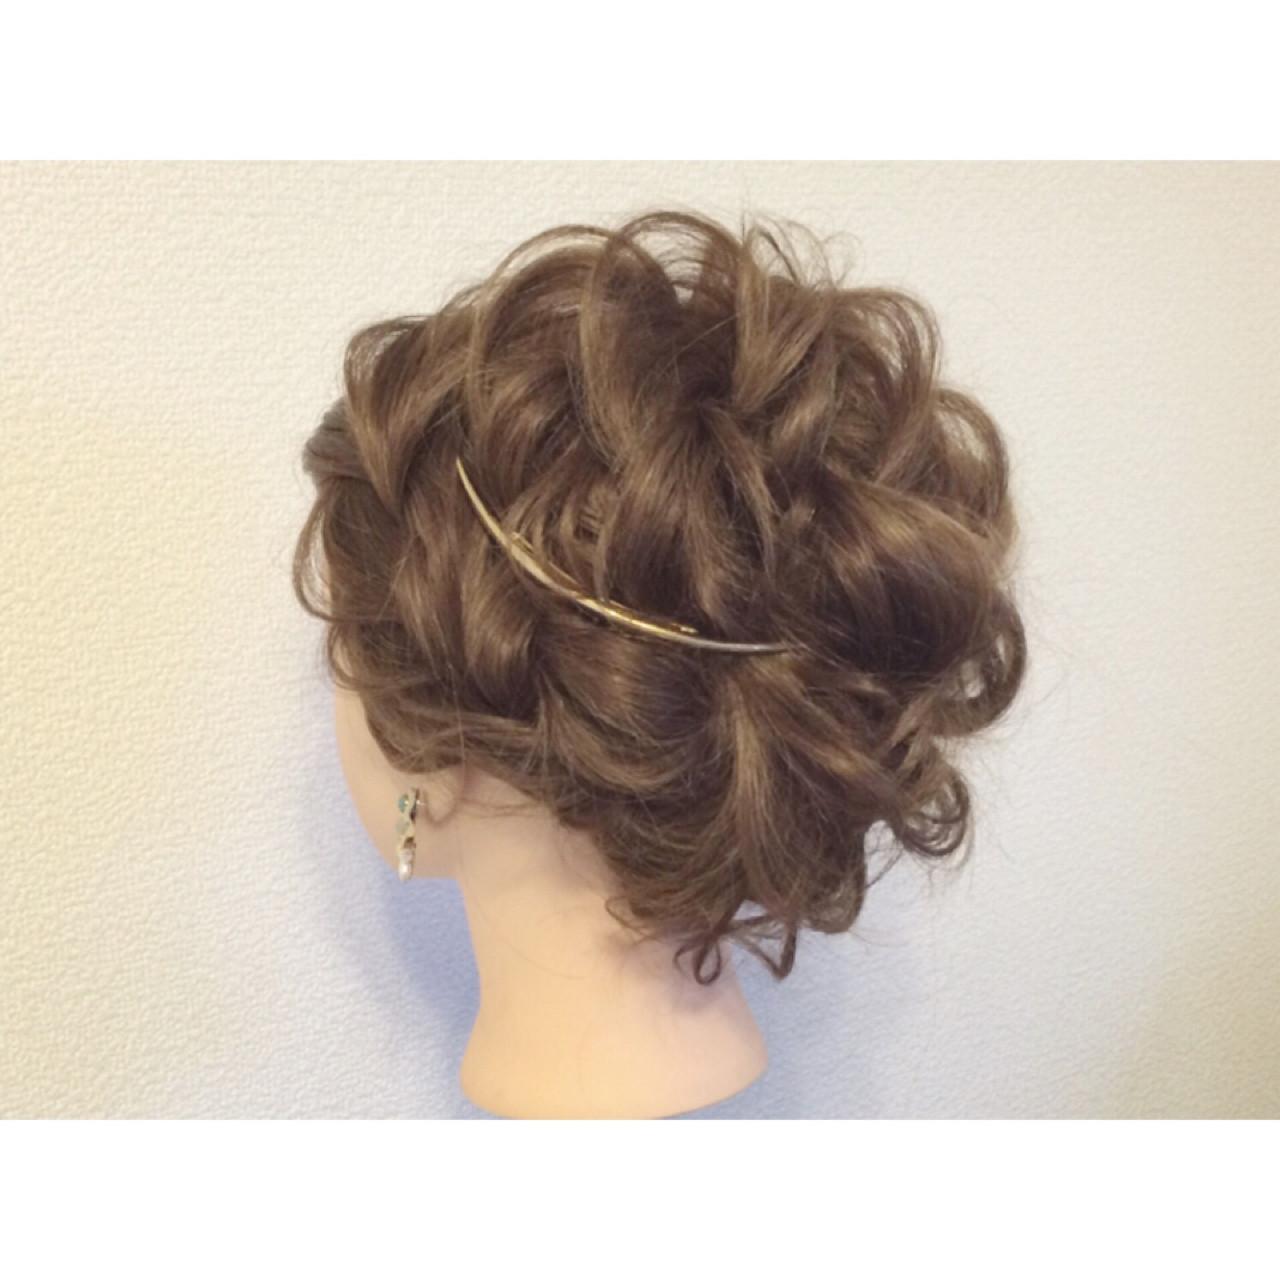 ガーリー 結婚式 成人式 ロング ヘアスタイルや髪型の写真・画像 | yasuka / セットサロンCURE